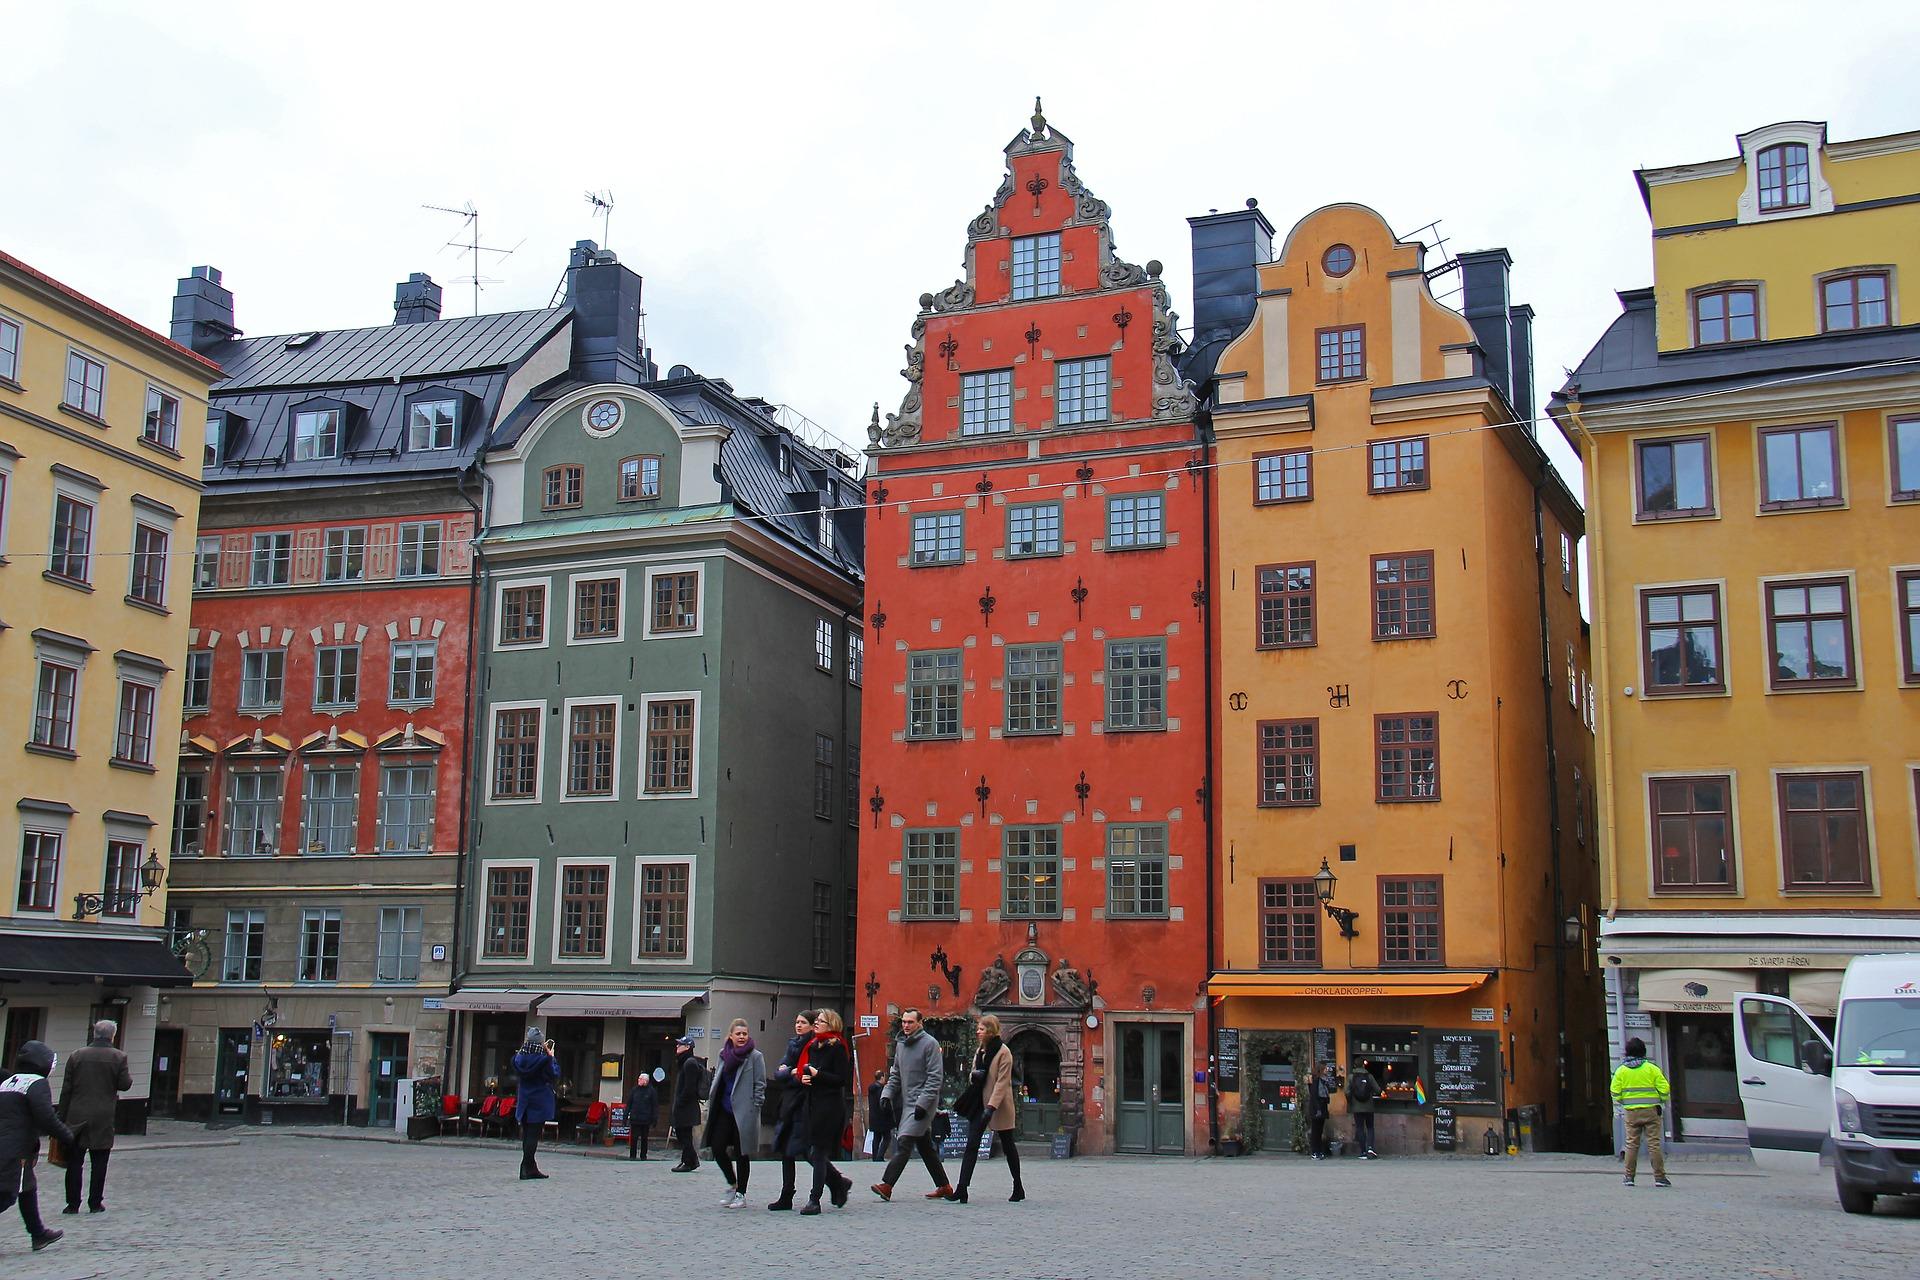 Günstige Unterkünfte in Stockholm starten schon billig ab 26,00€ die Nacht